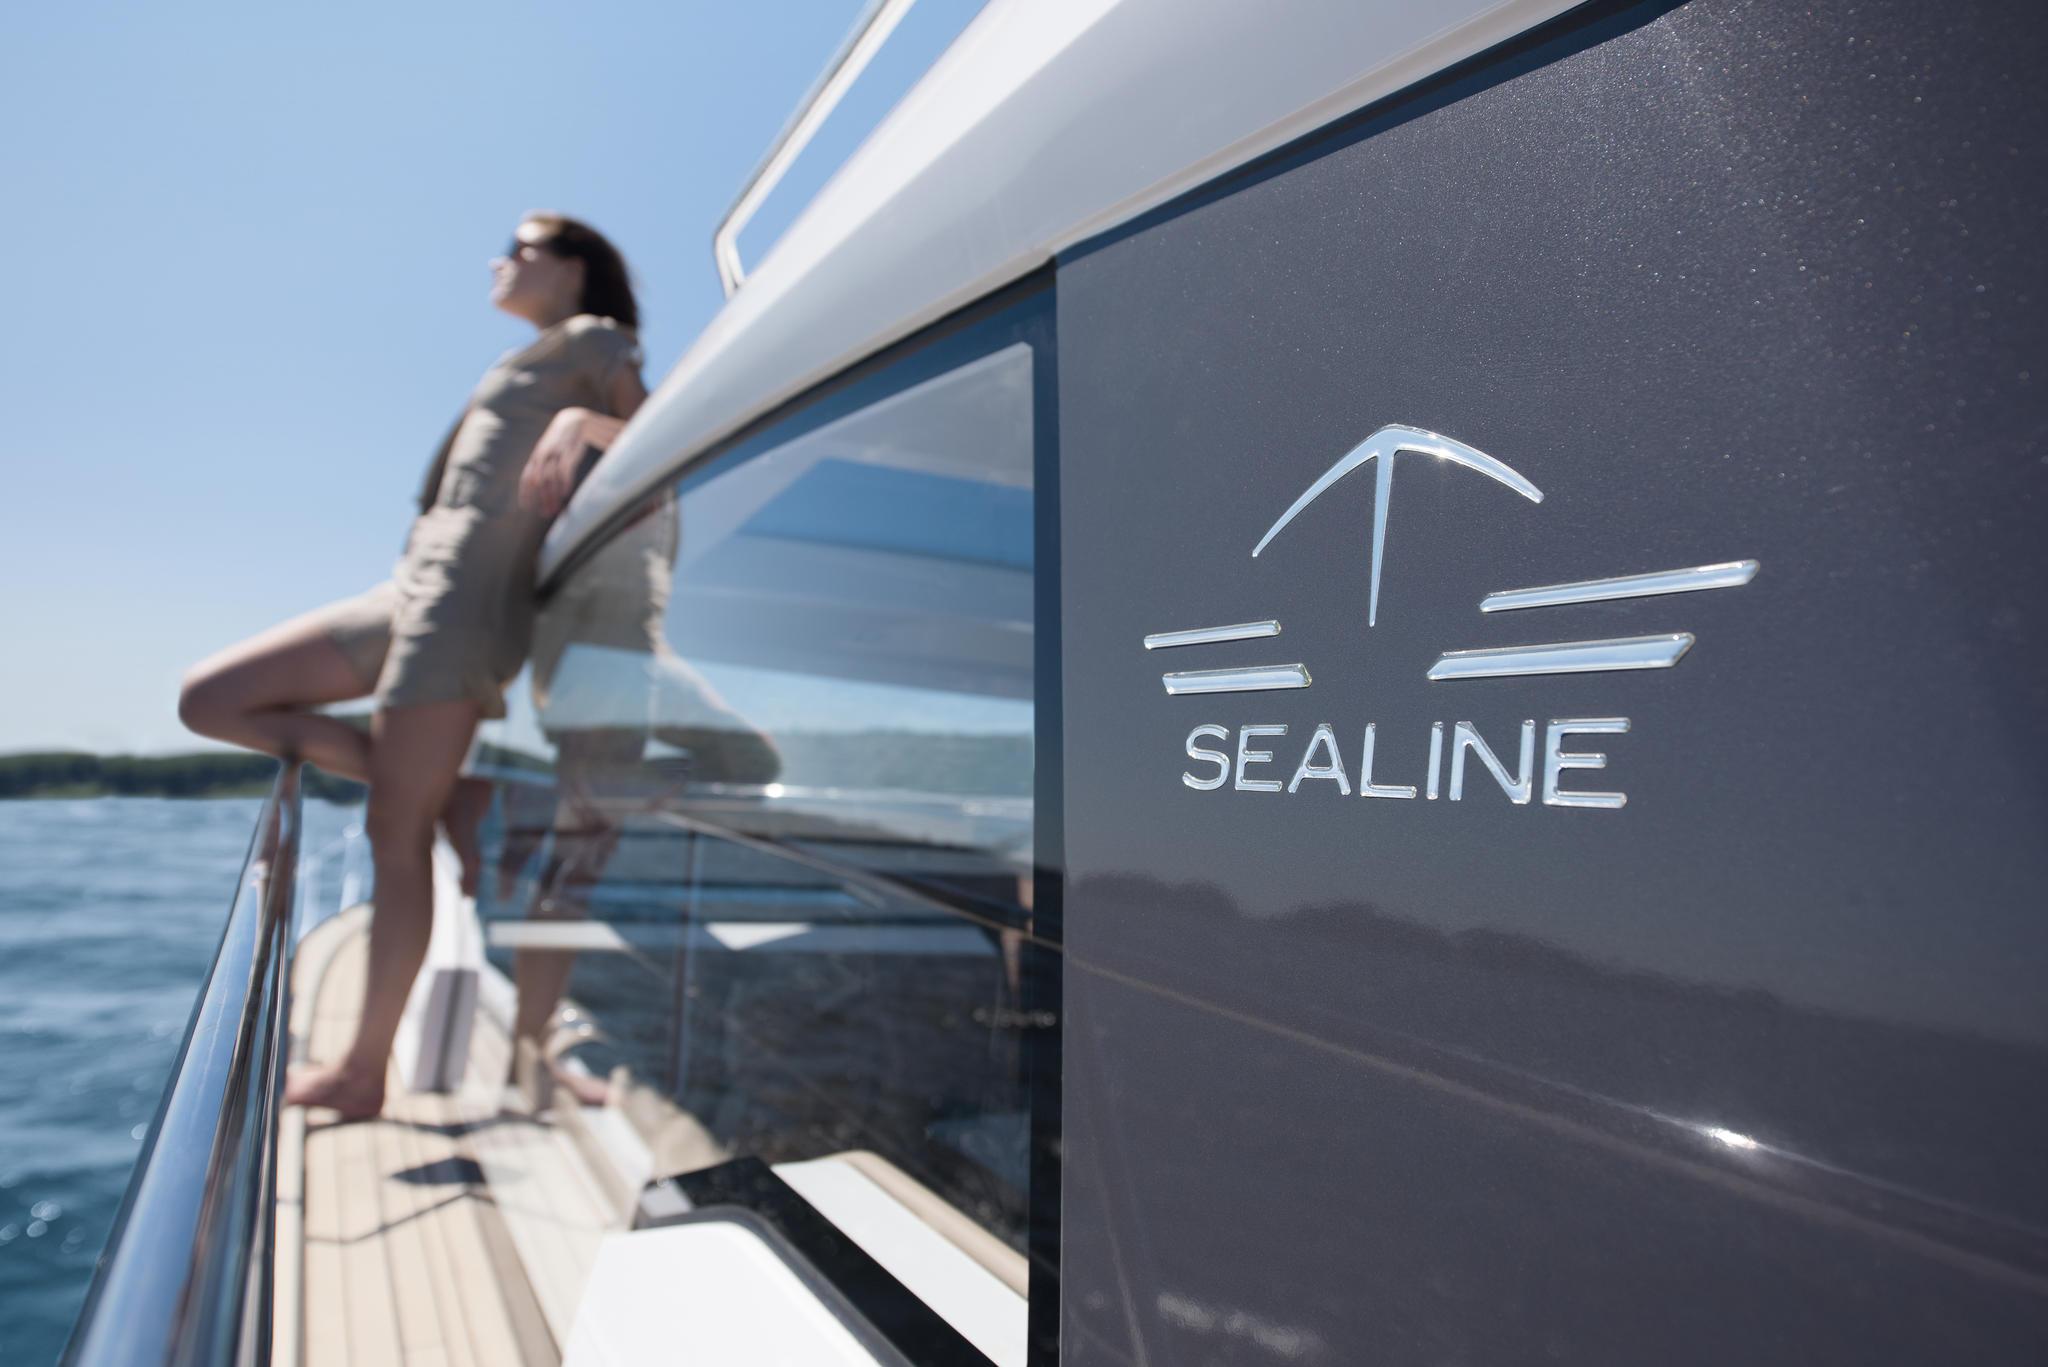 Sealine_C330_exterieur_23-4a3c1